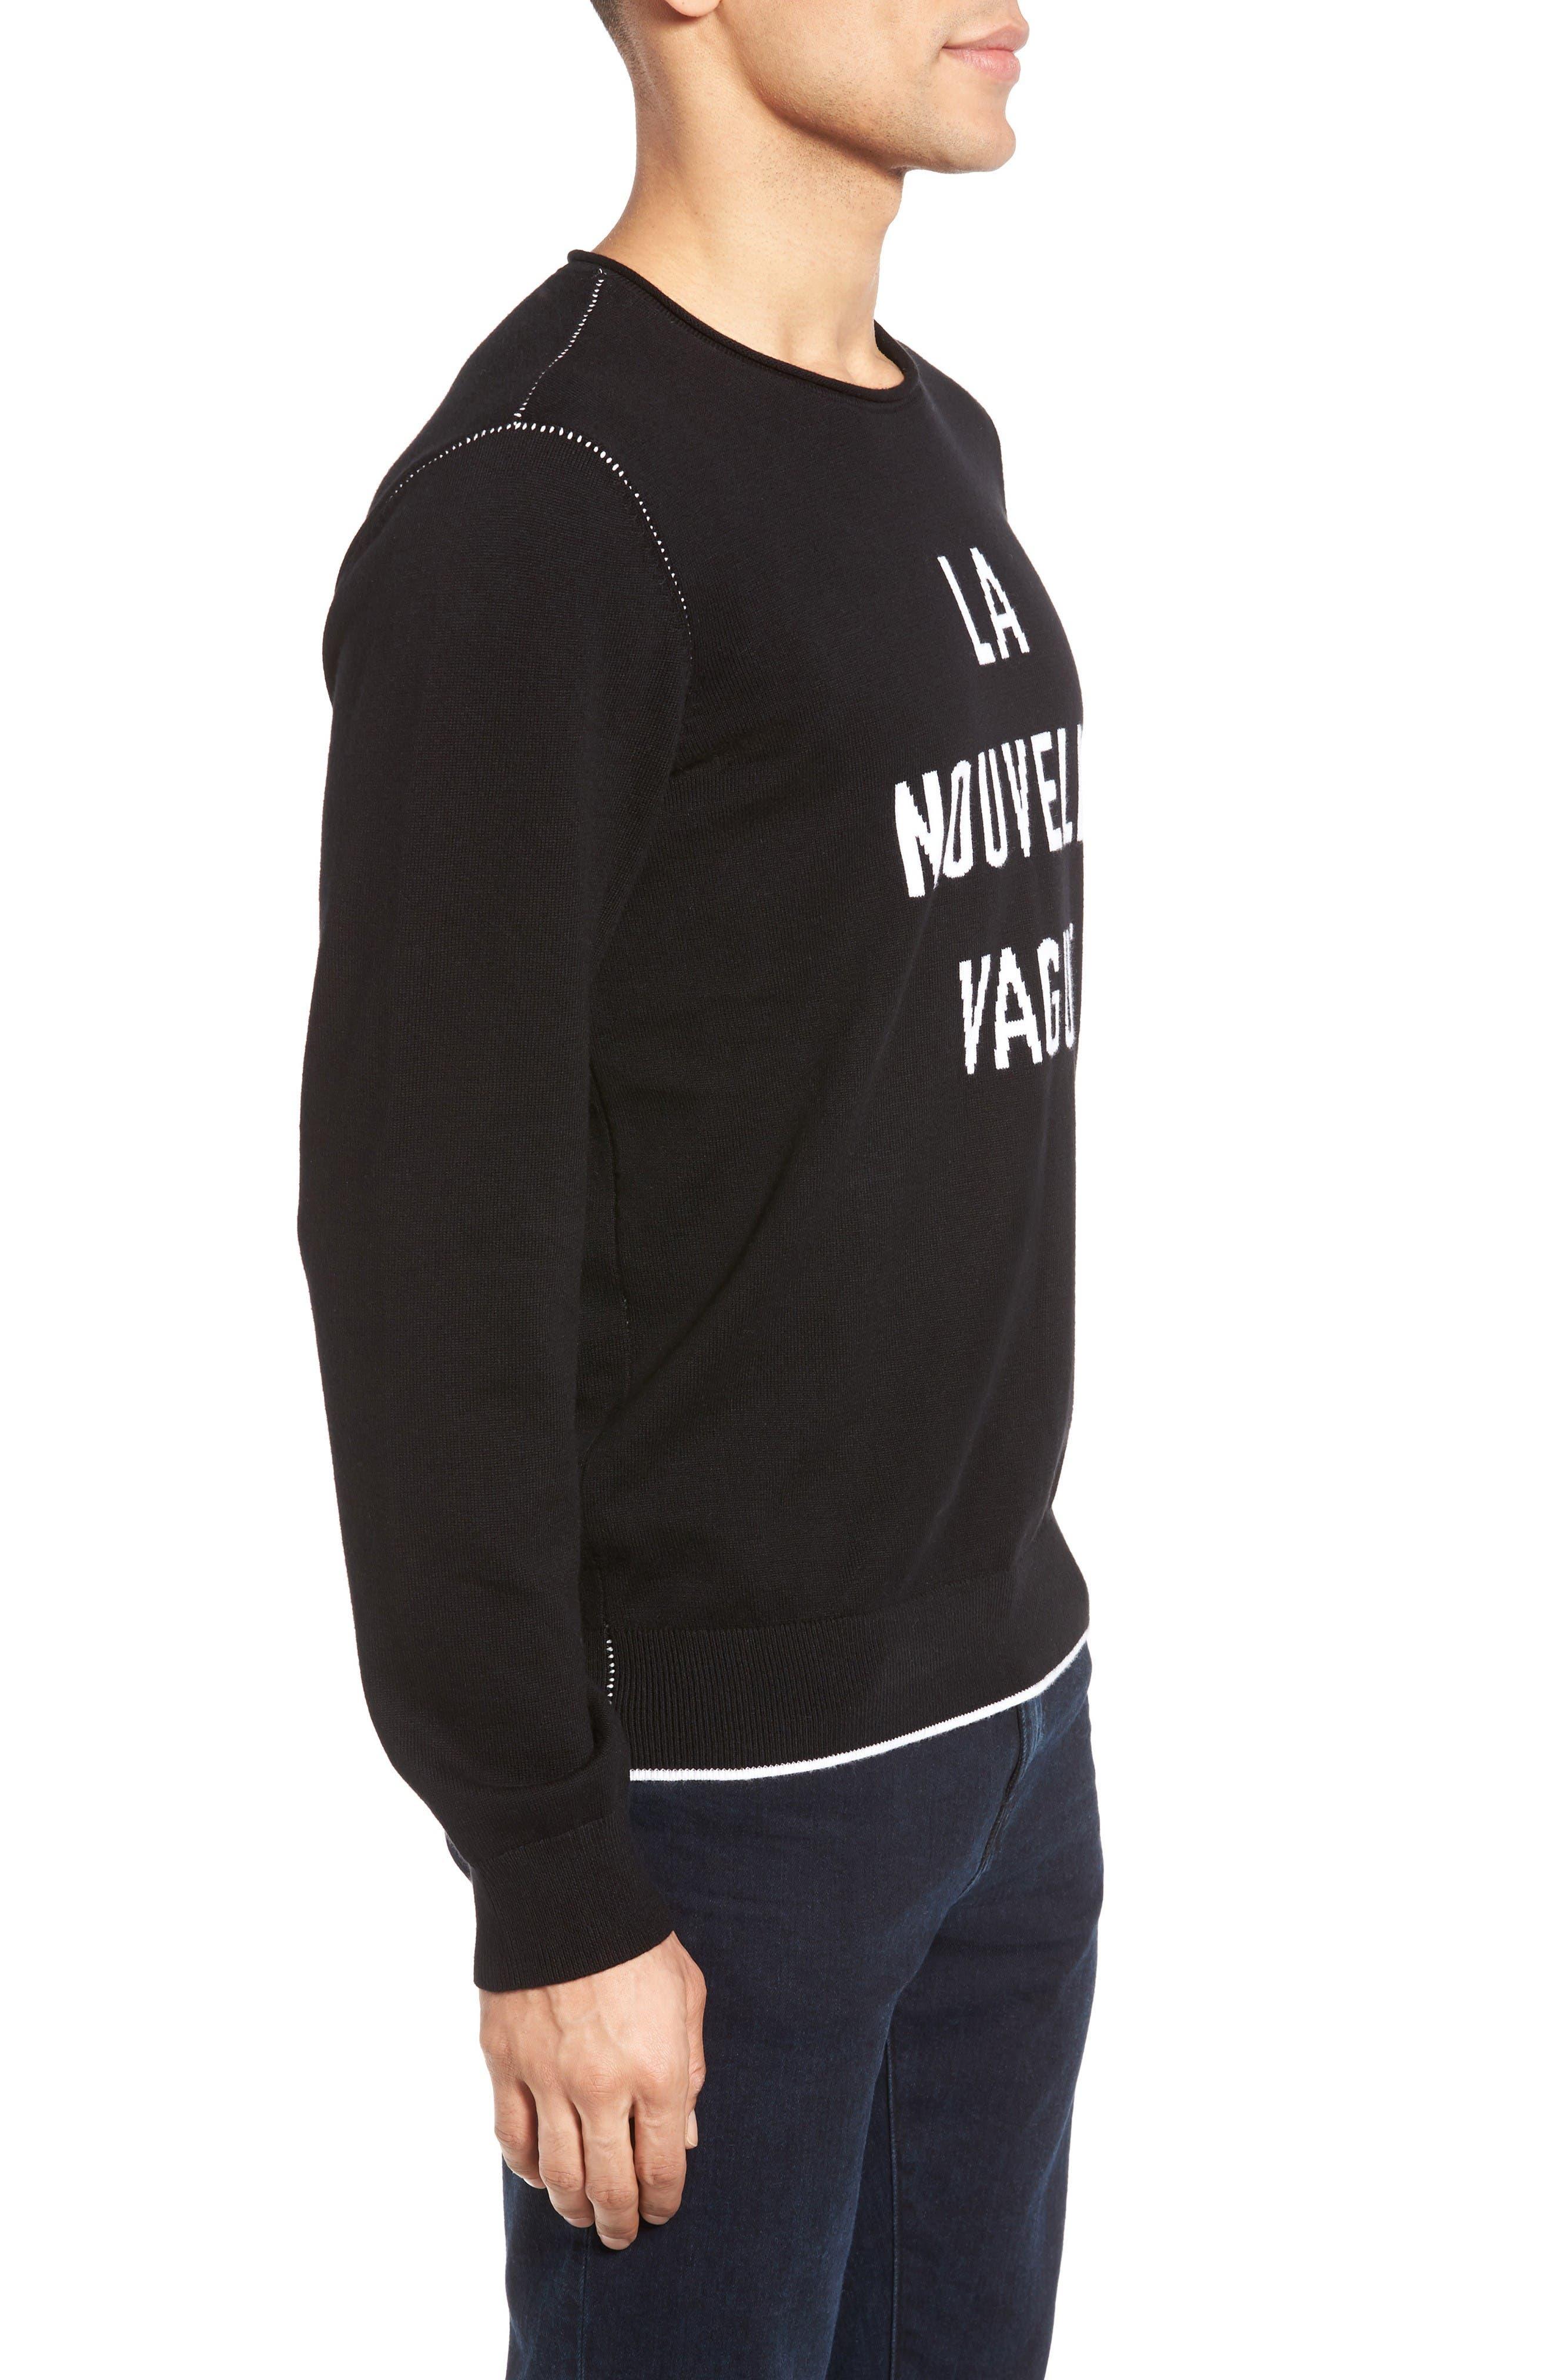 Cedric Cotton & Cashmere Sweater,                             Alternate thumbnail 3, color,                             La Nouvelle Vague True Black